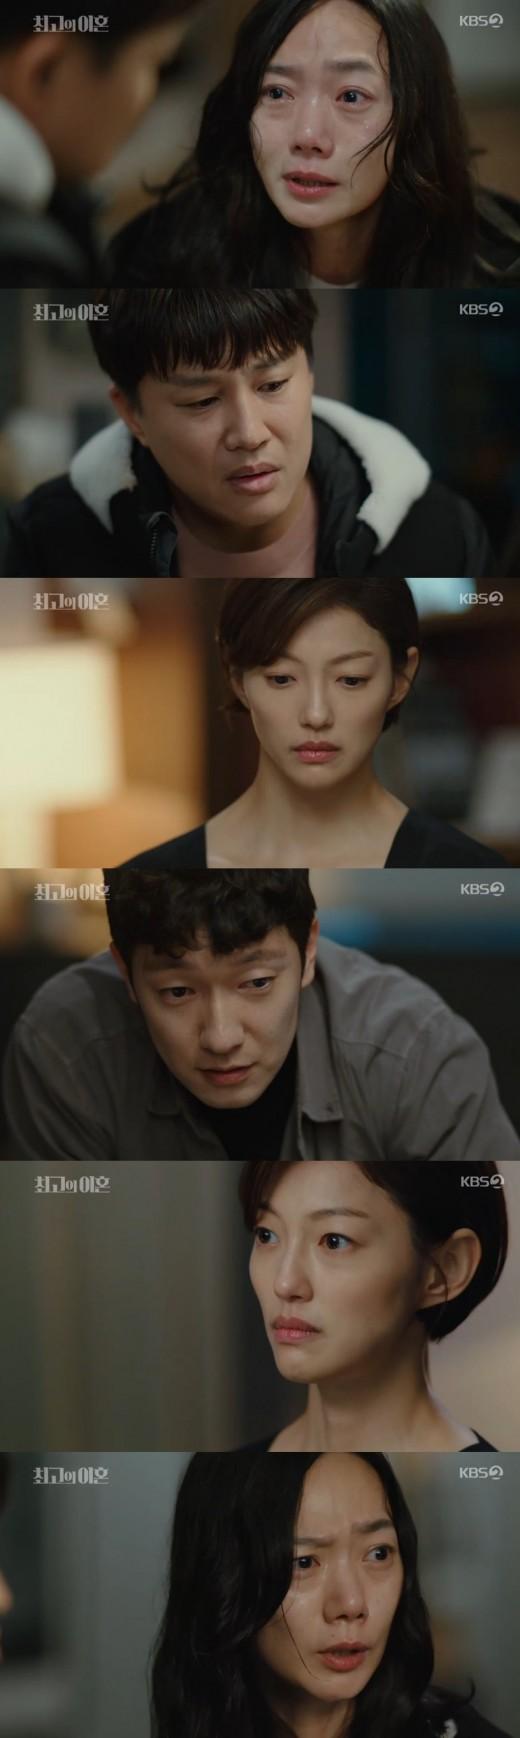 '최고의 이혼' 이엘, 손석구 아이 임신... 차태현과 헤어지나?